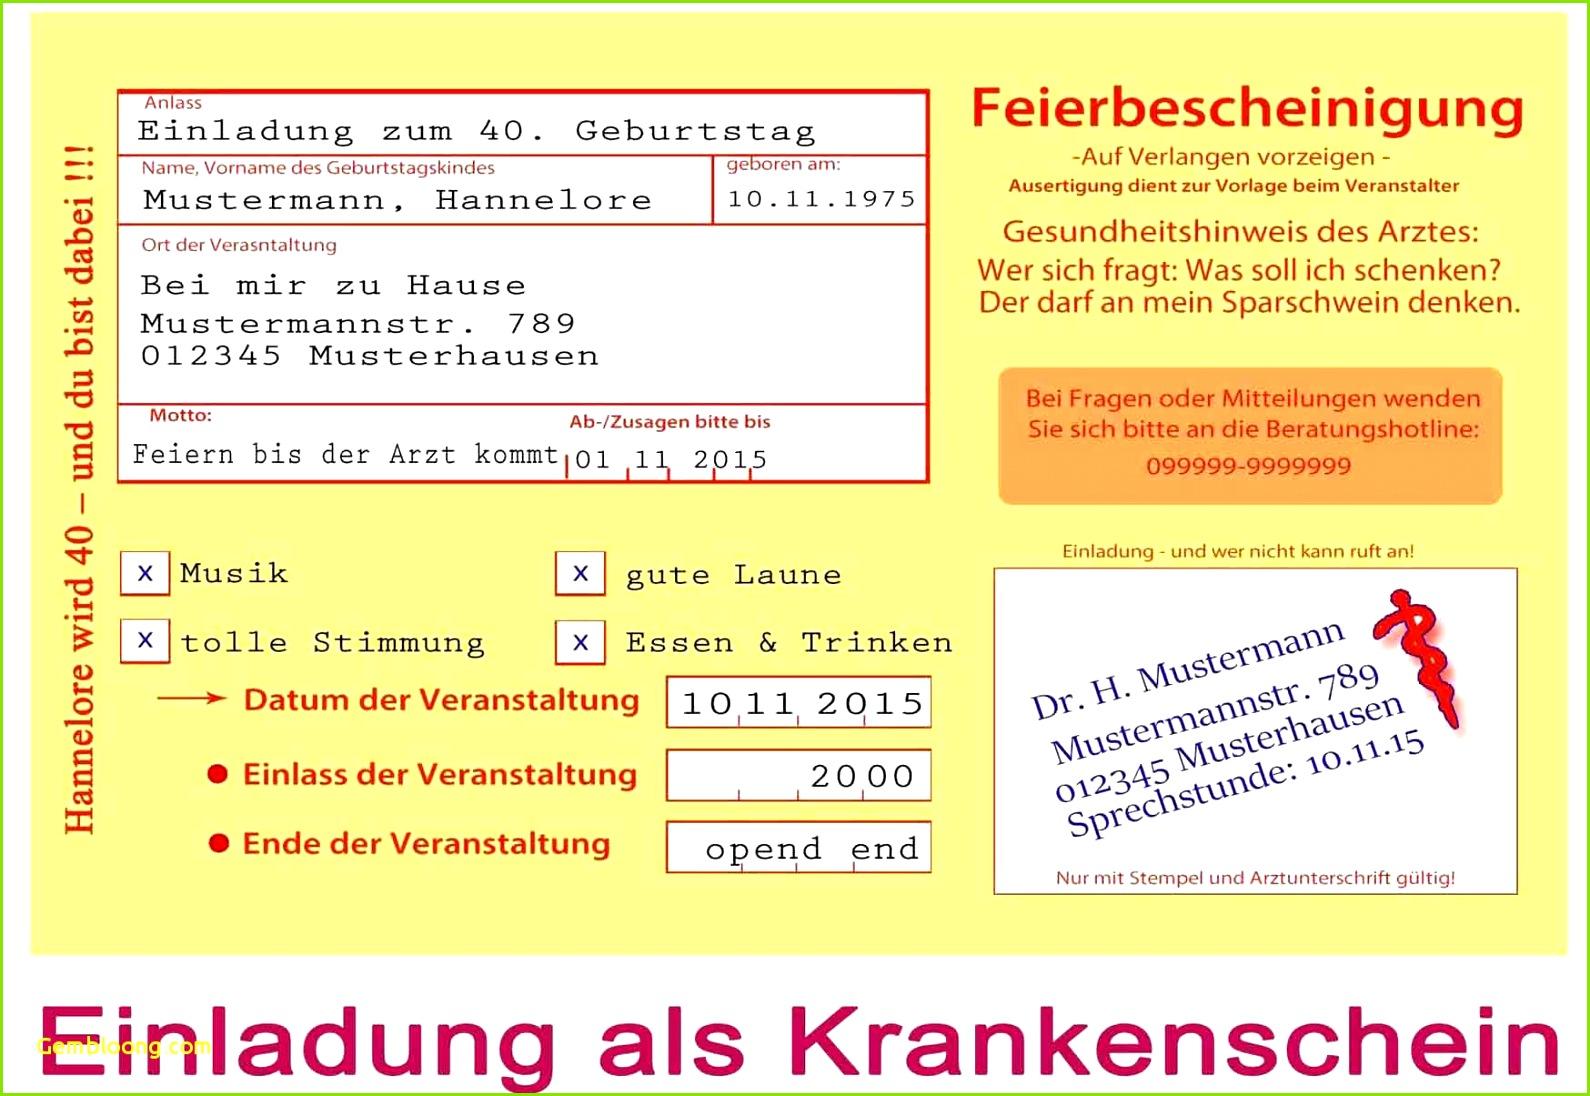 Erstkommunion Einladung Einladungskarten Vorlagen Geburtstag Vorlagen Einladungen 0d